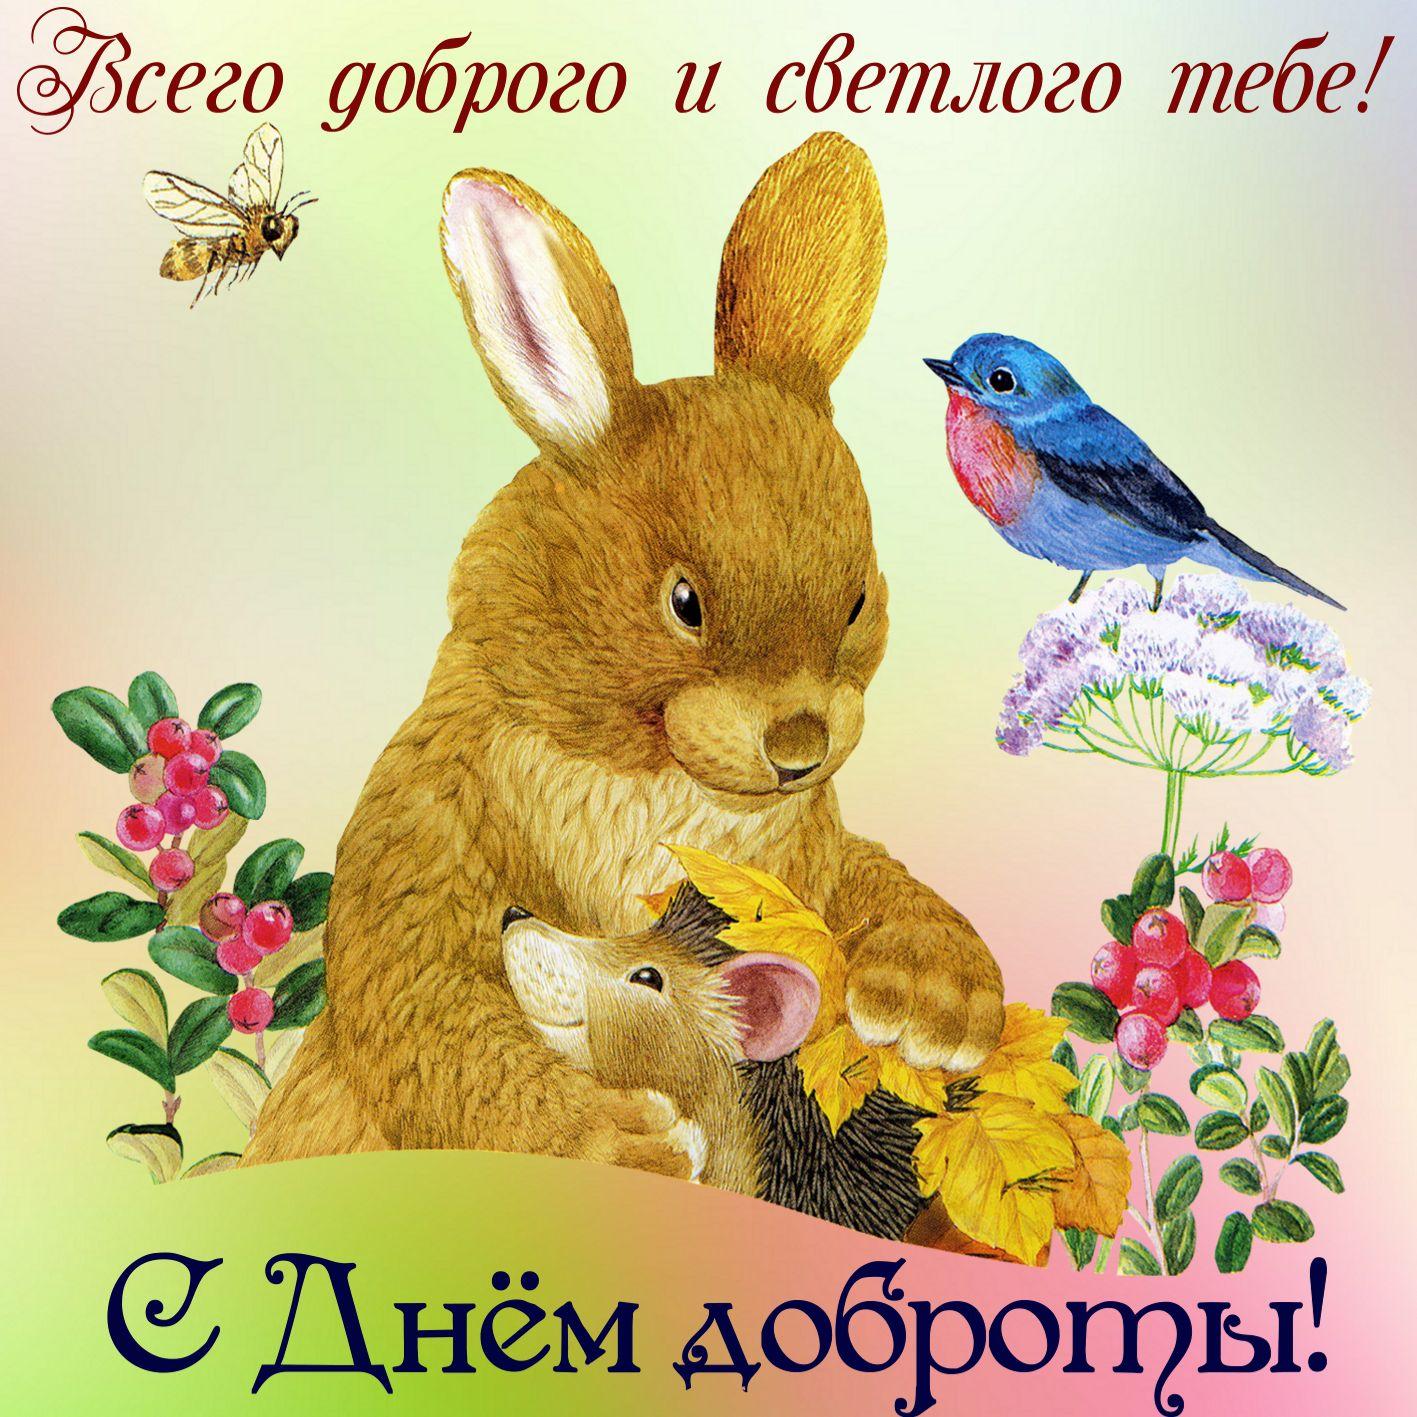 Открытка с международным днём доброты , с праздником с днём доброты ,заяц Картинка , открытка с международным днём доброты , открытки на день доброты ,13 ноября, на открытке изображён заяц,  открытка с днём доброты скачать бесплатно .